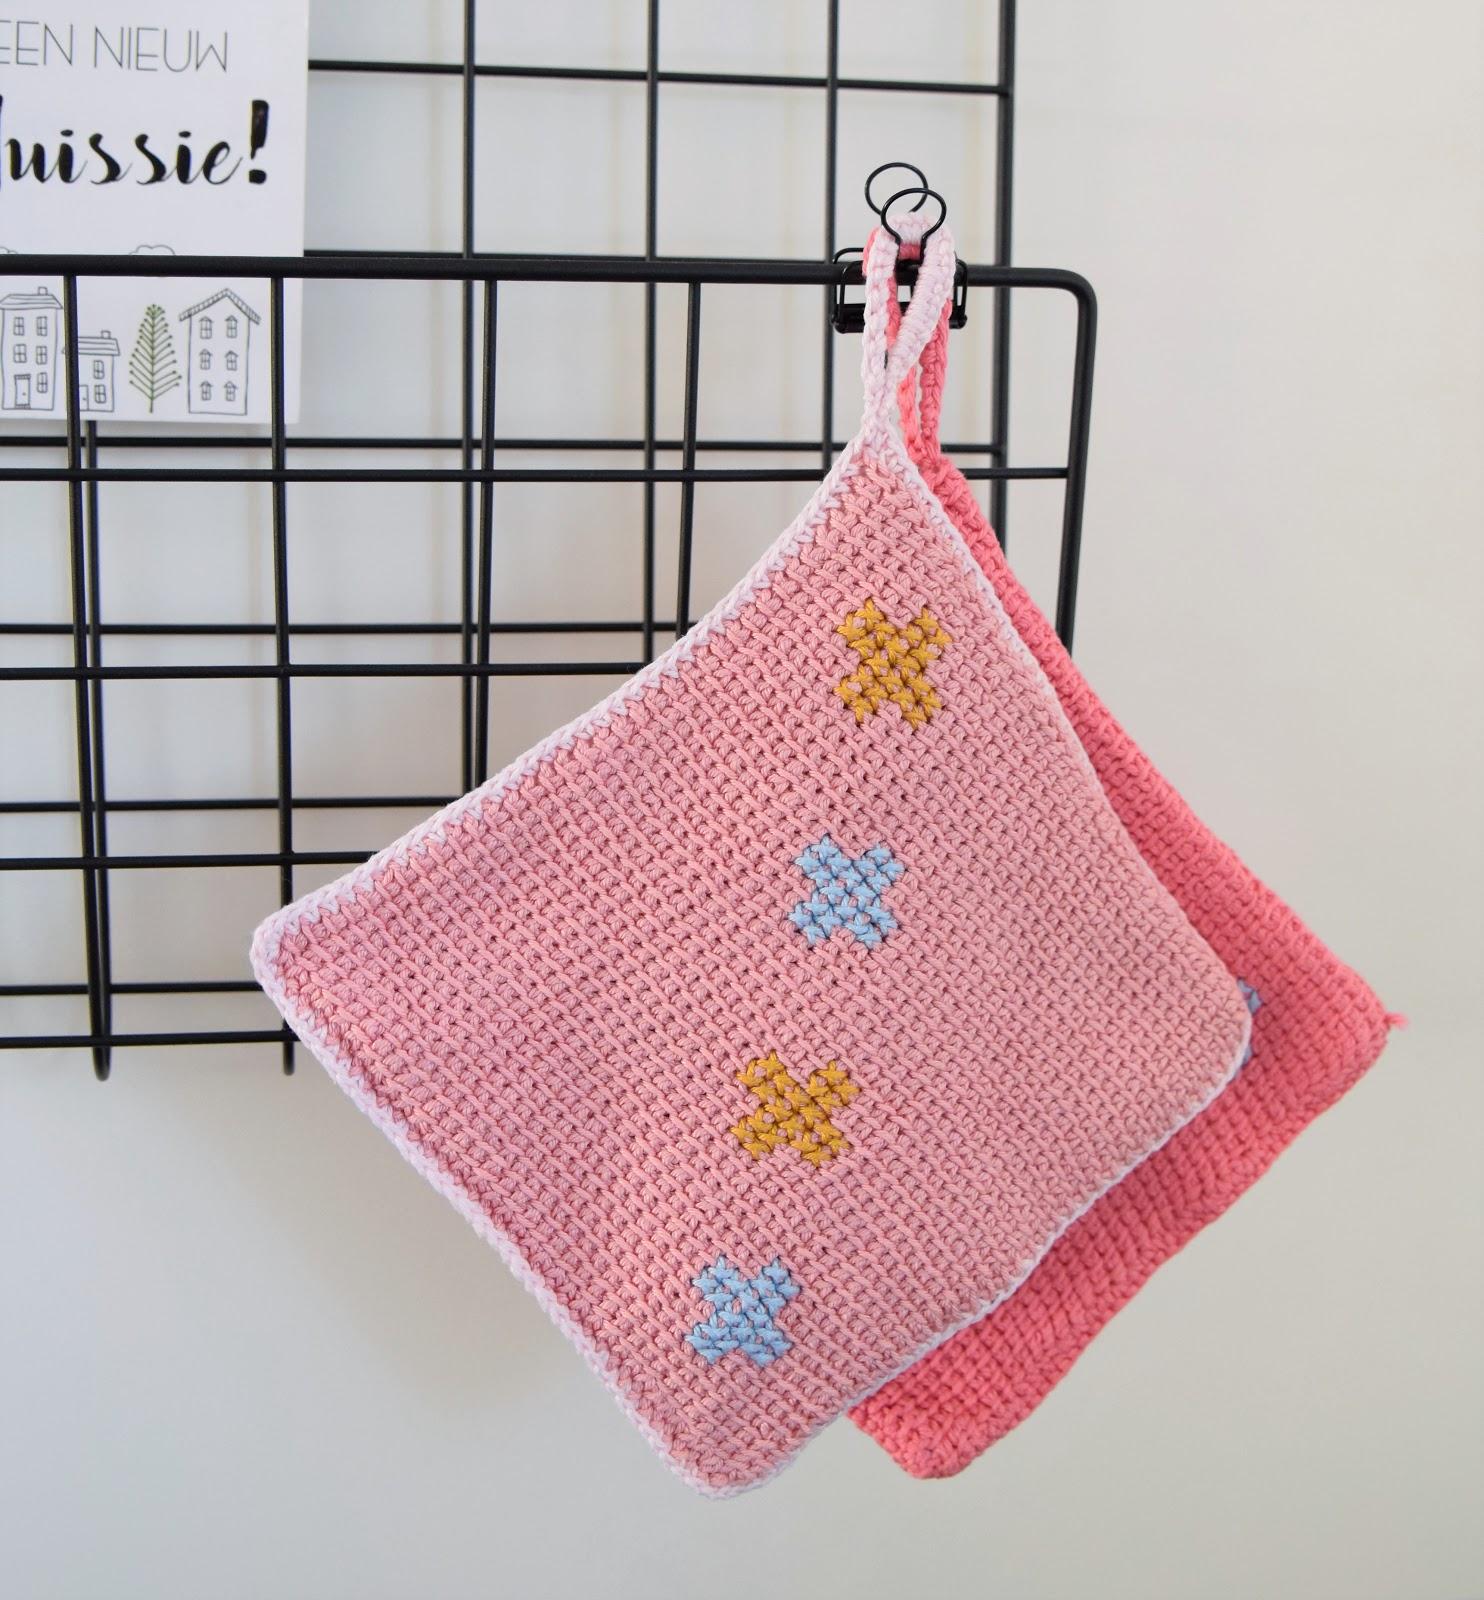 Madebyleen Blog Over Haken Crochet Blog Tunisch Haakpatroon